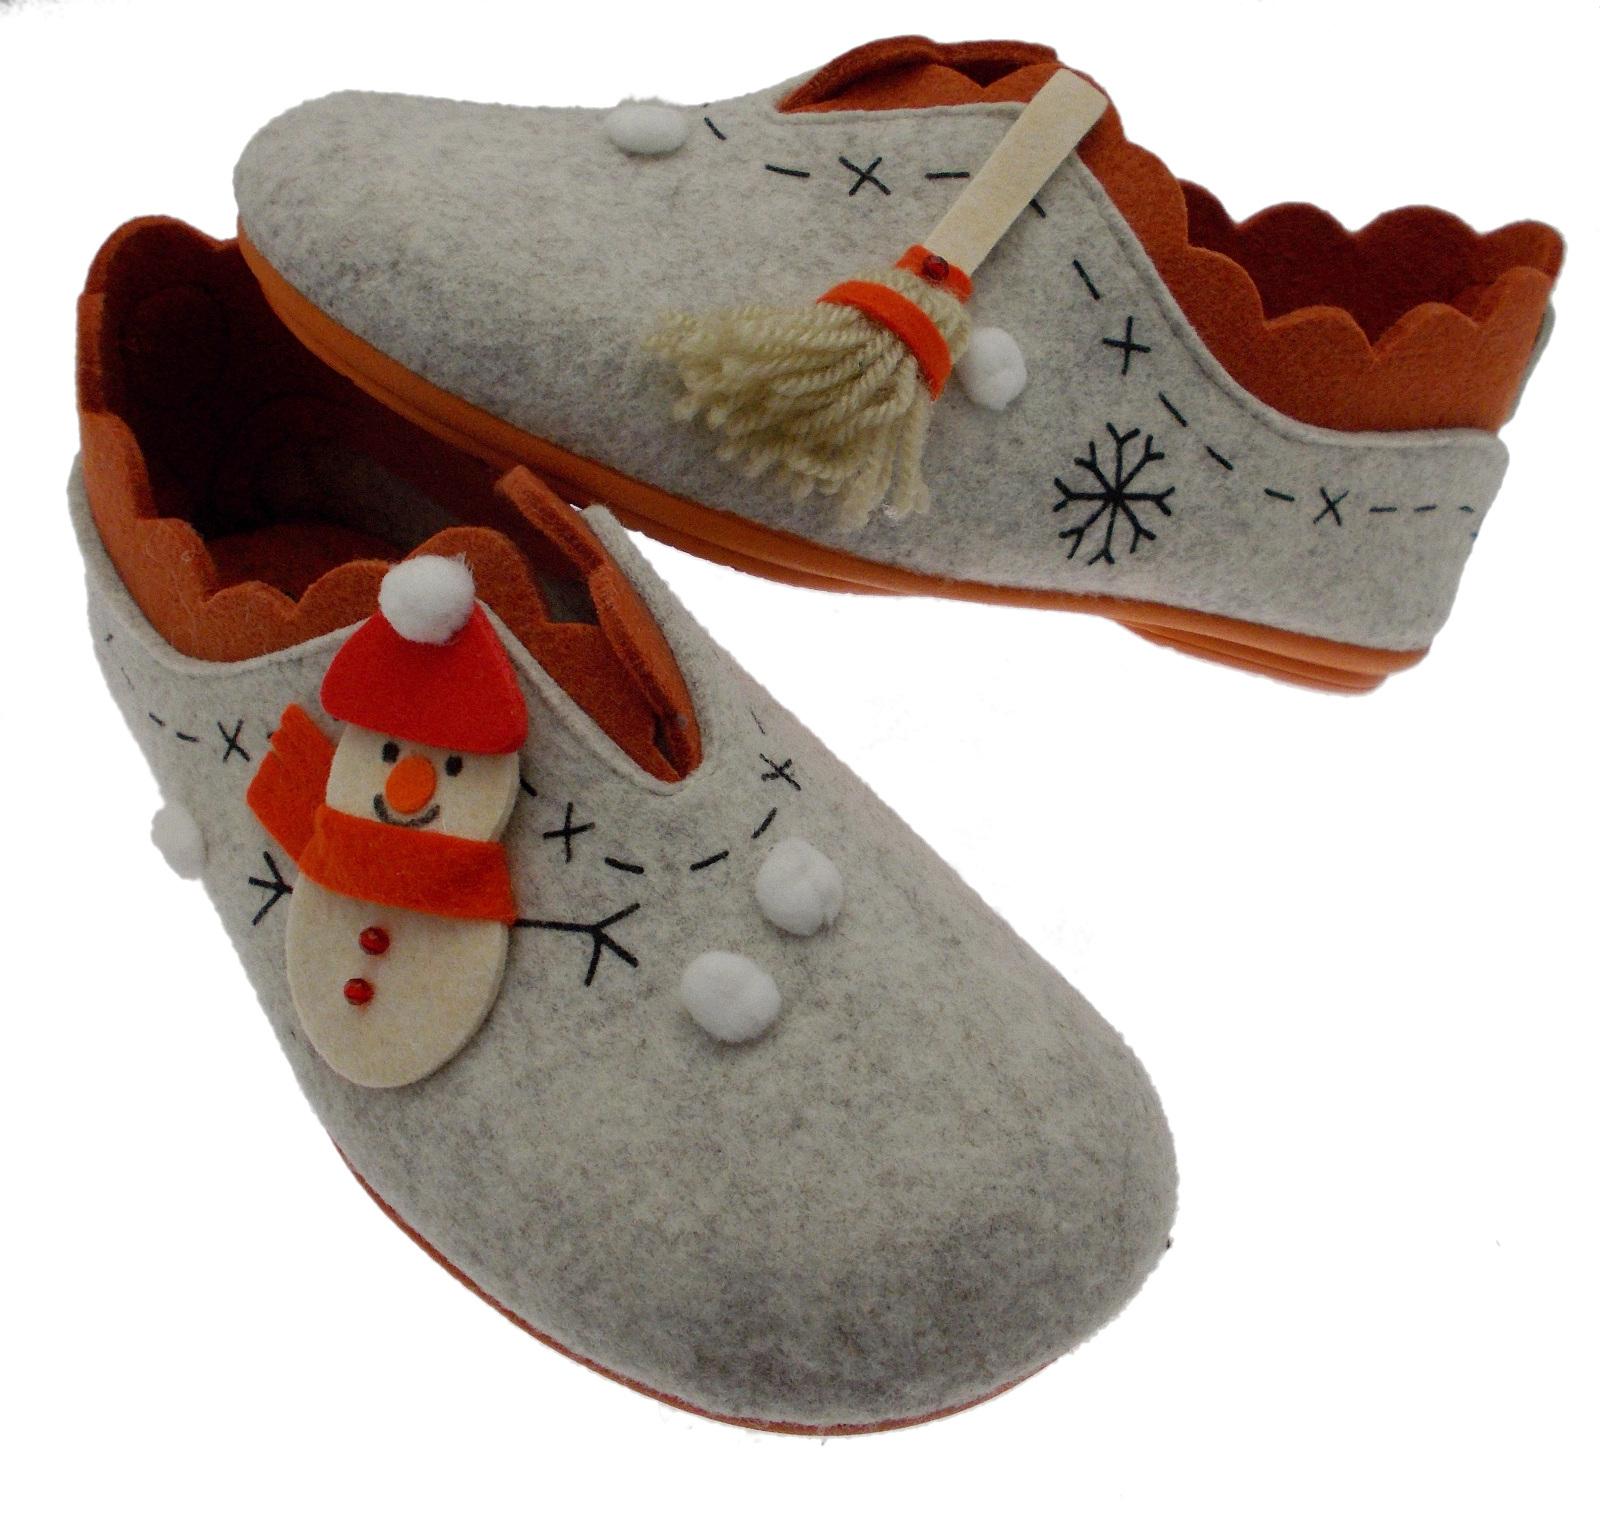 4572 pantofola beige panno fantasia snowman Riposella